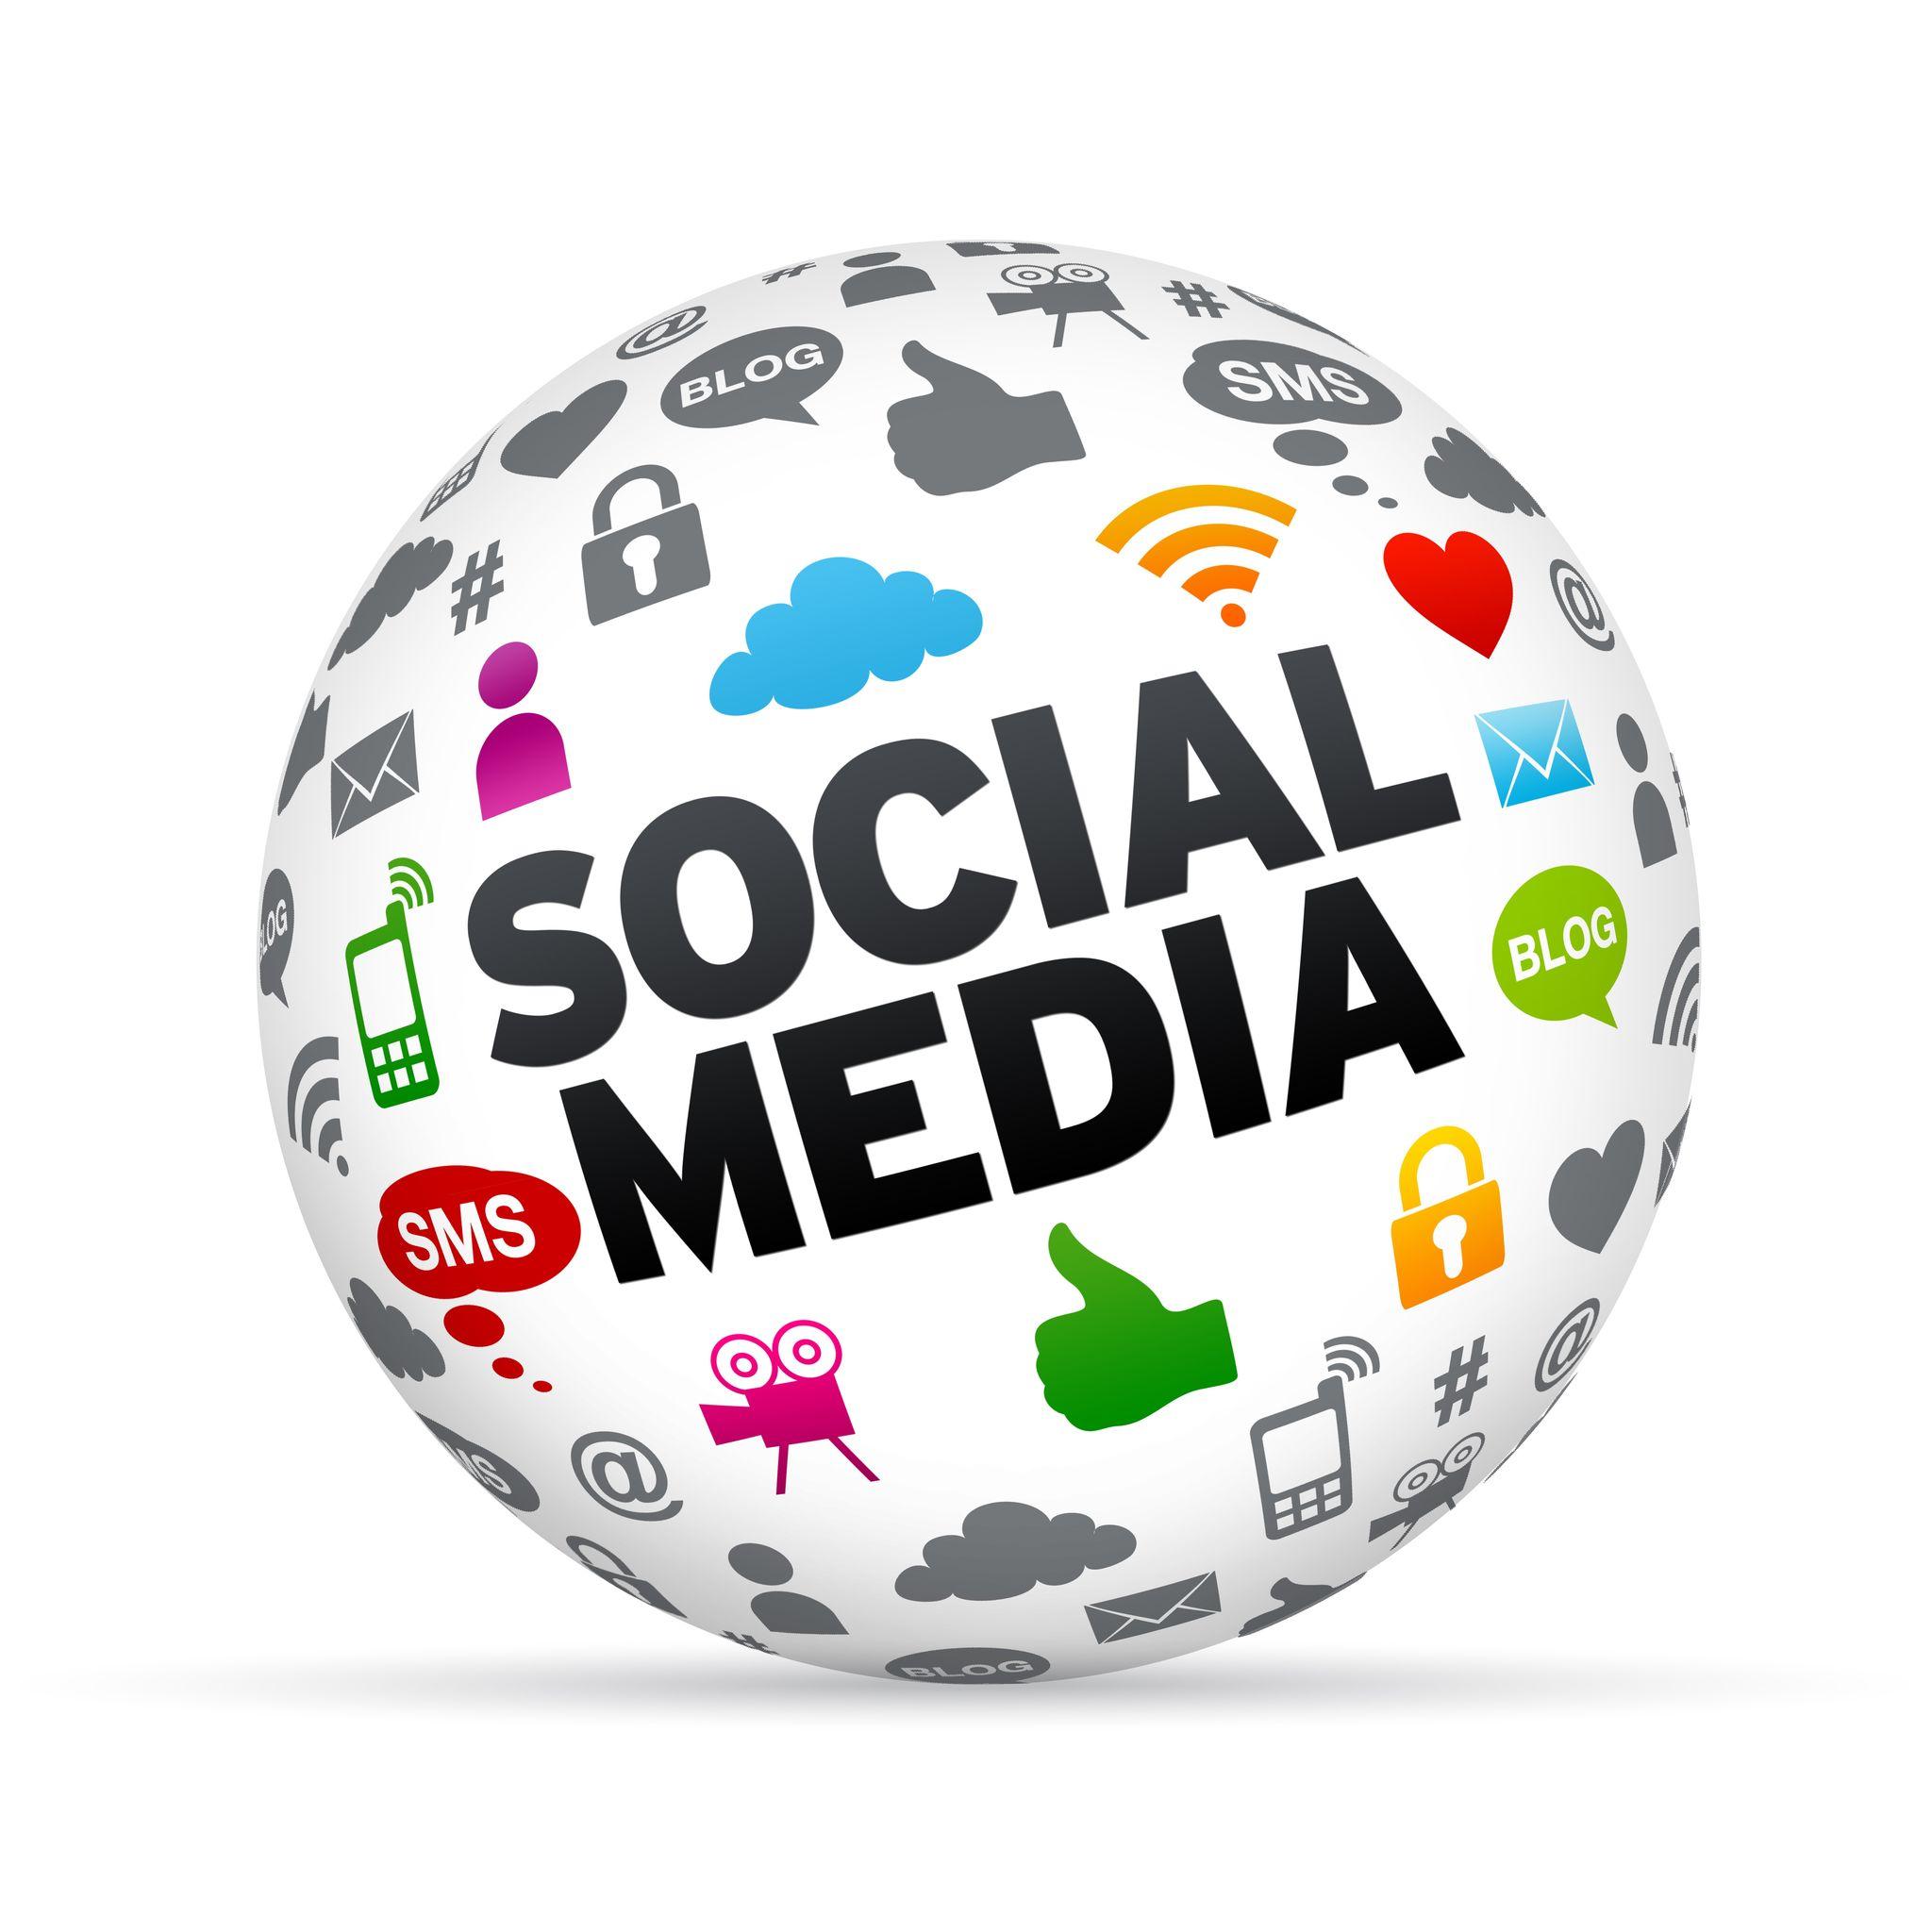 social-media-globe-image